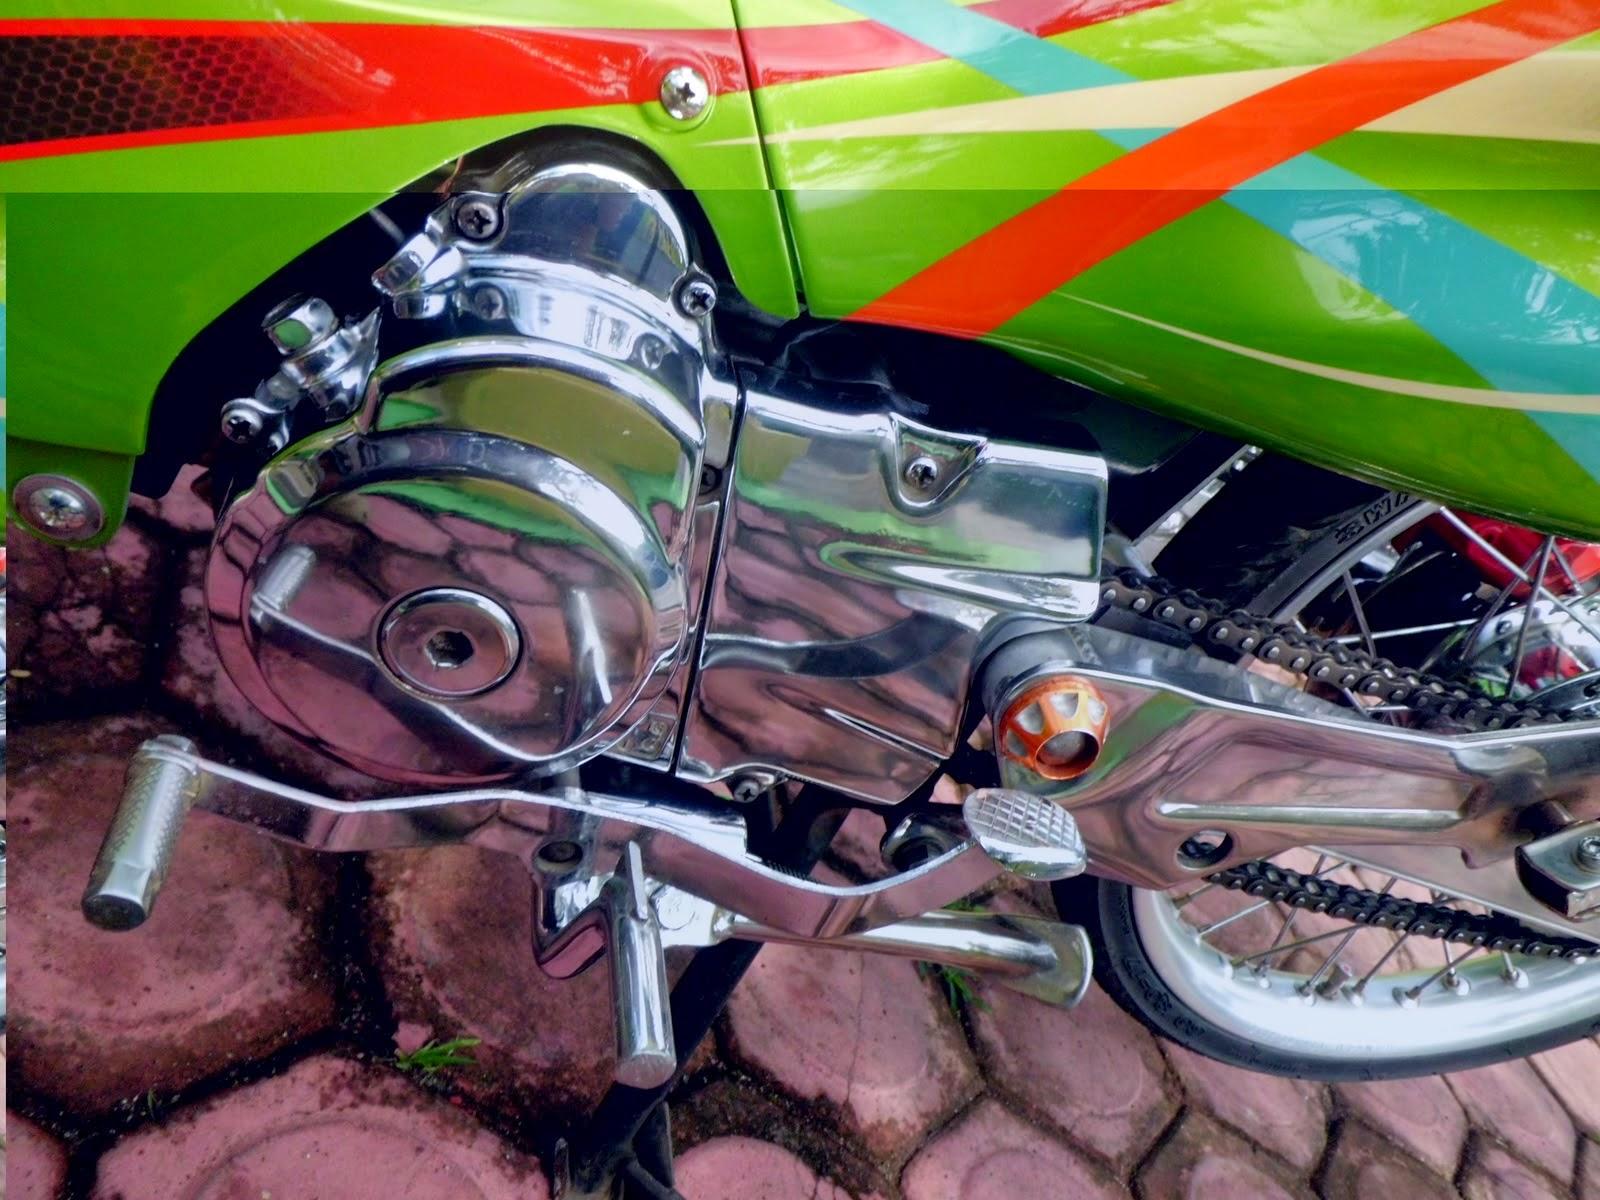 Modifikasi Mesin Suzuki Shogun 110